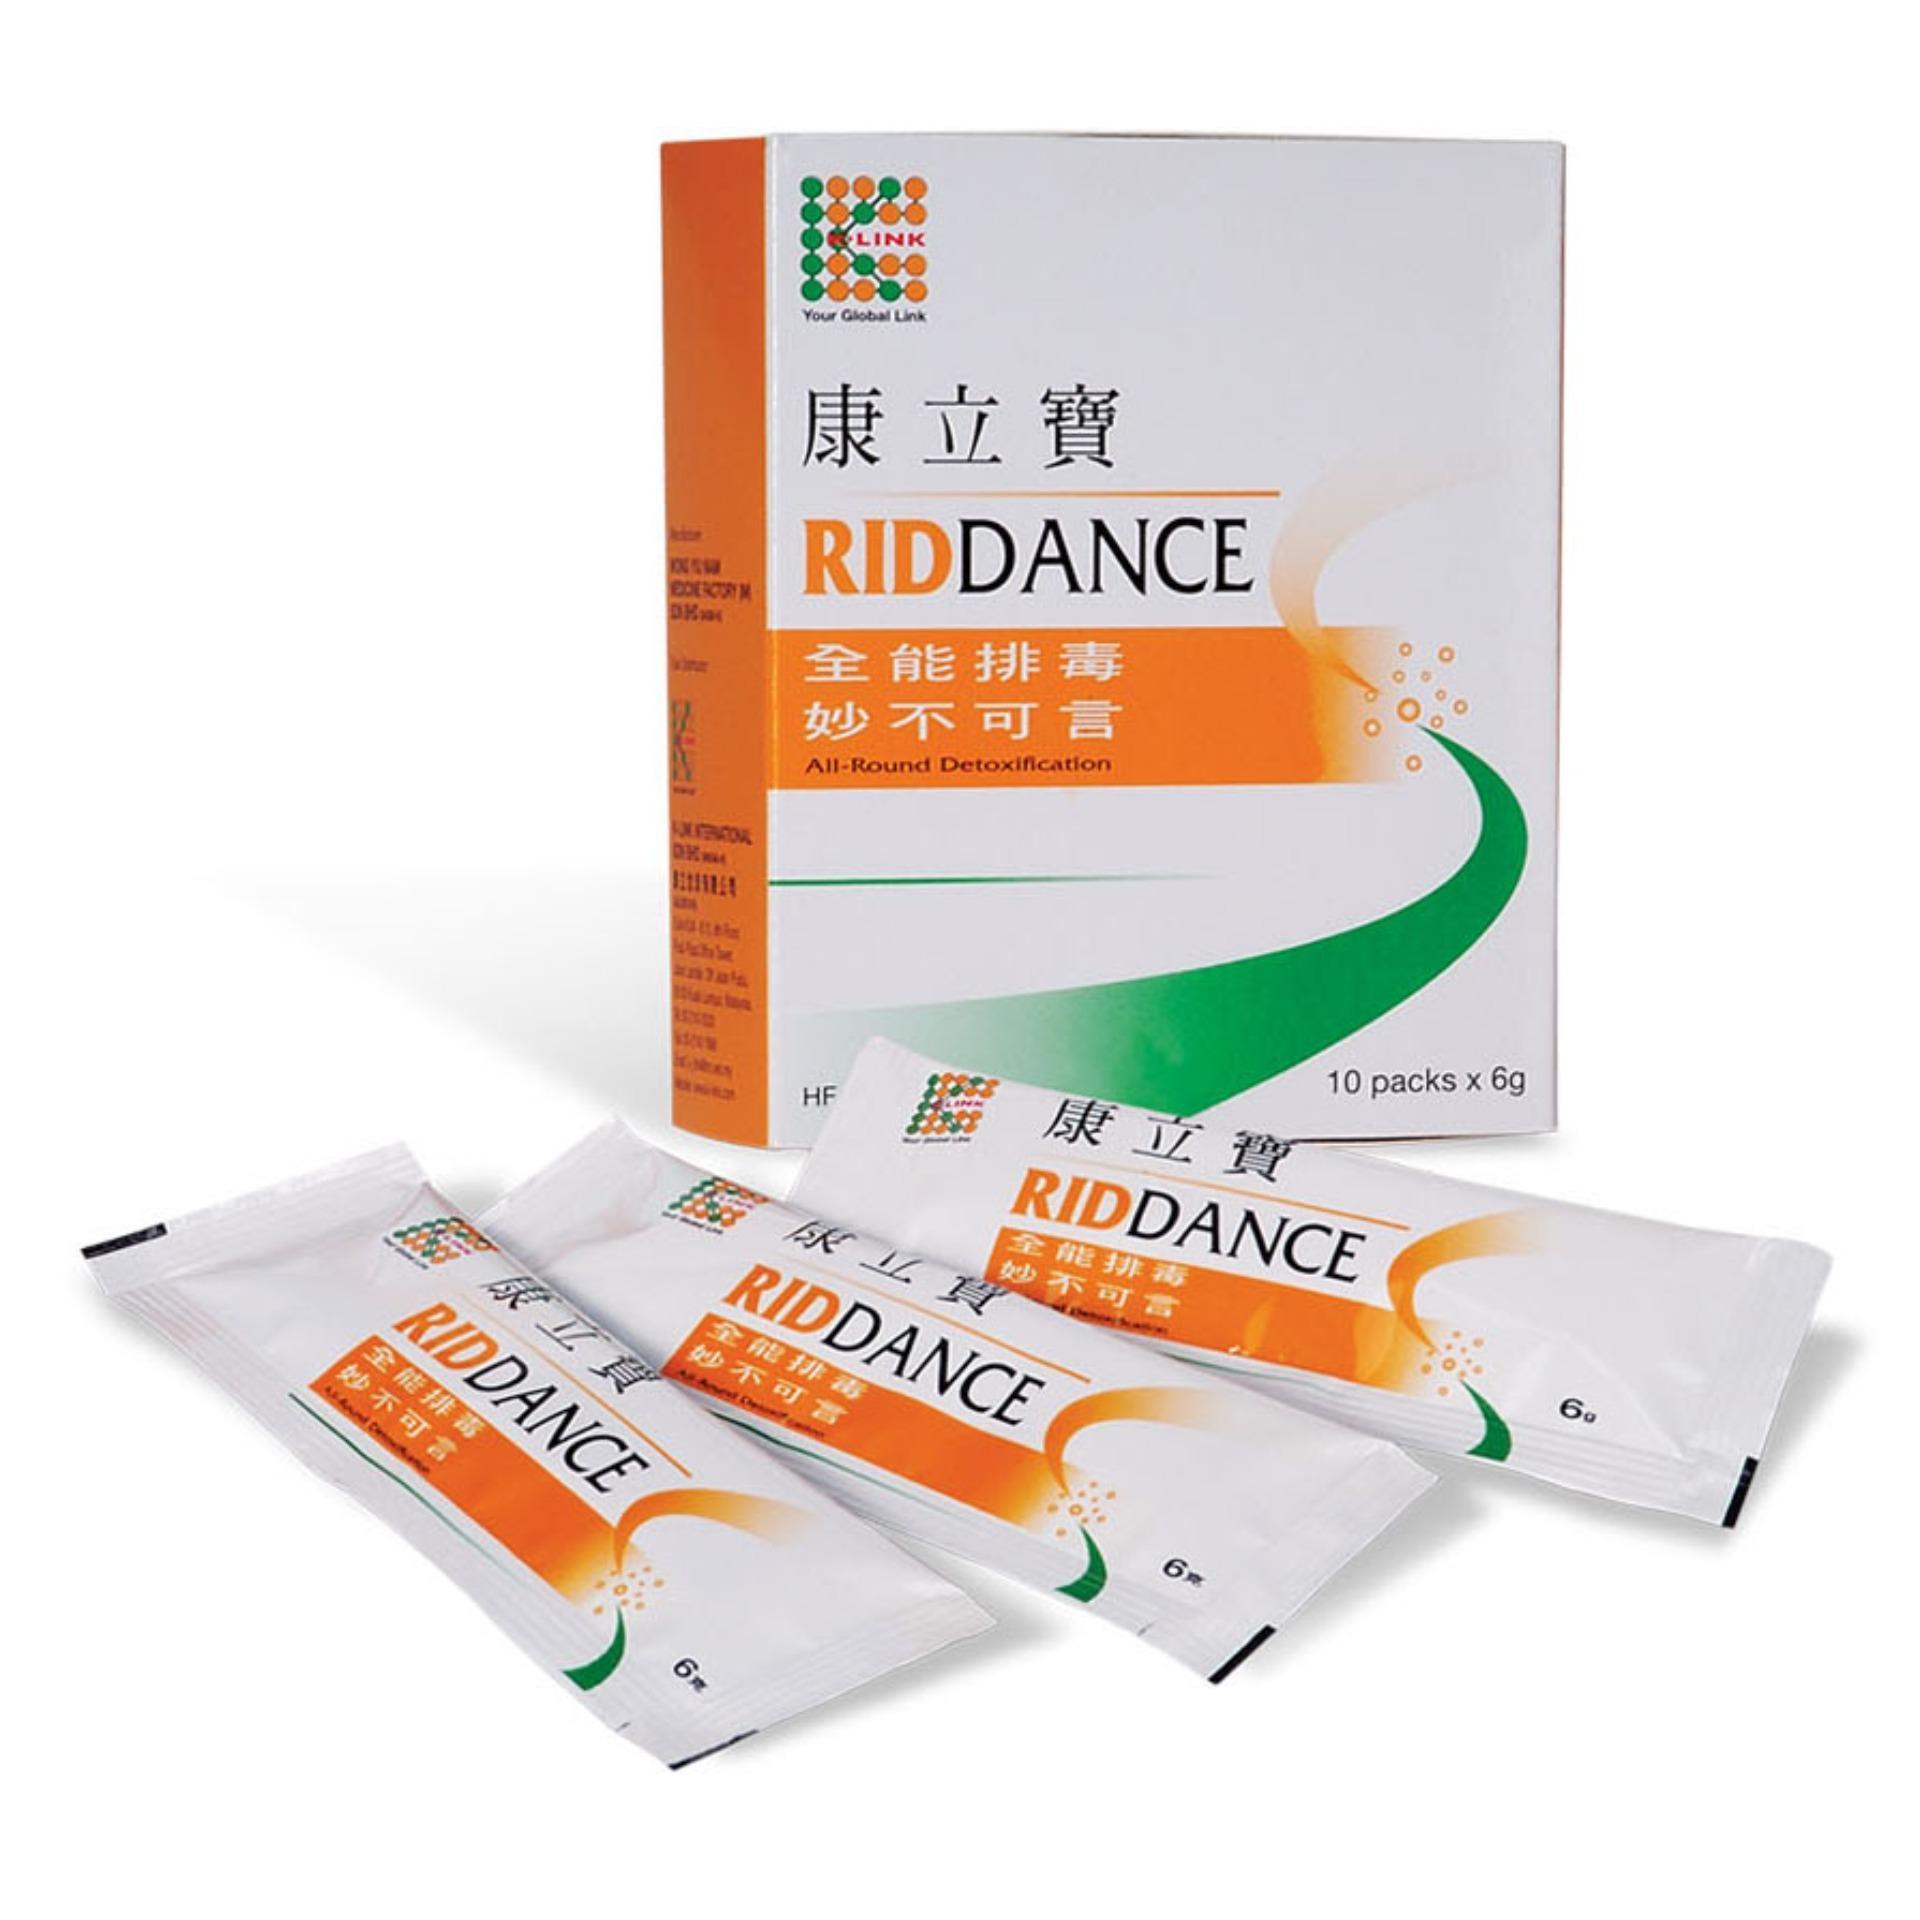 RIDDANCE - Terapi Herbal Untuk Cuci Darah & Usus